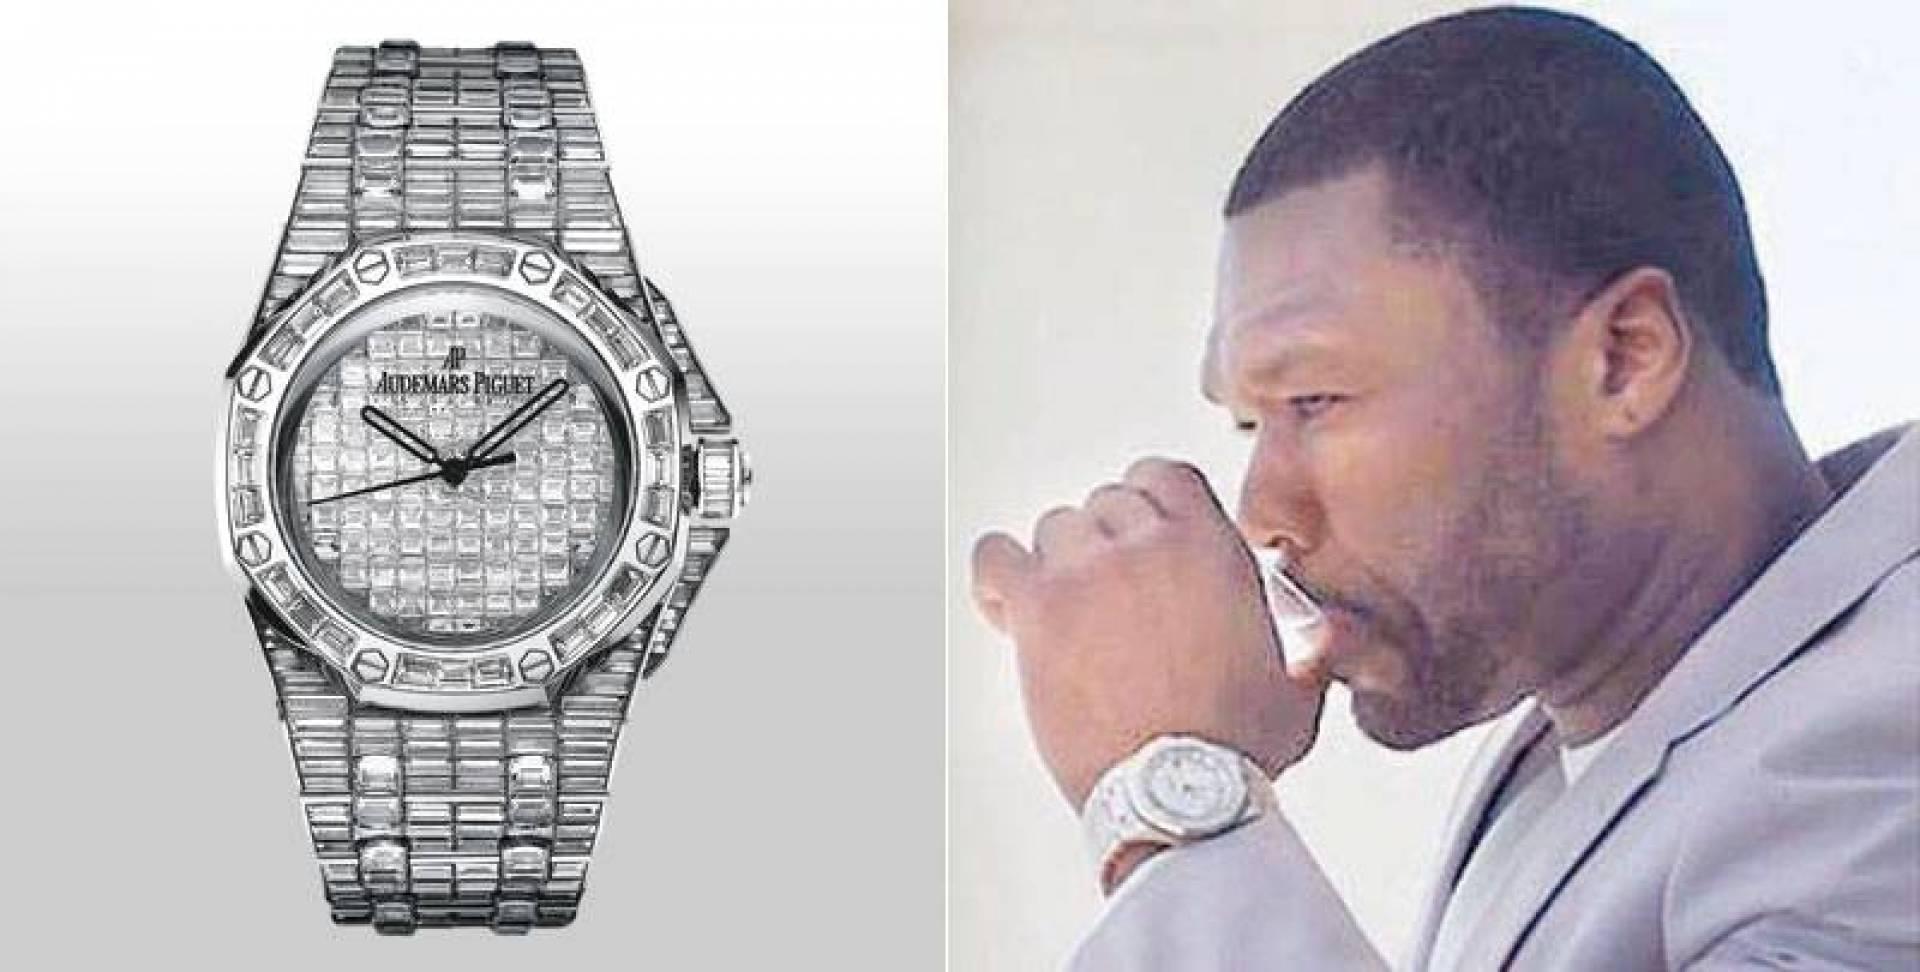 ساعة فيفتي سنت تحوي 456 قطعة ألماس